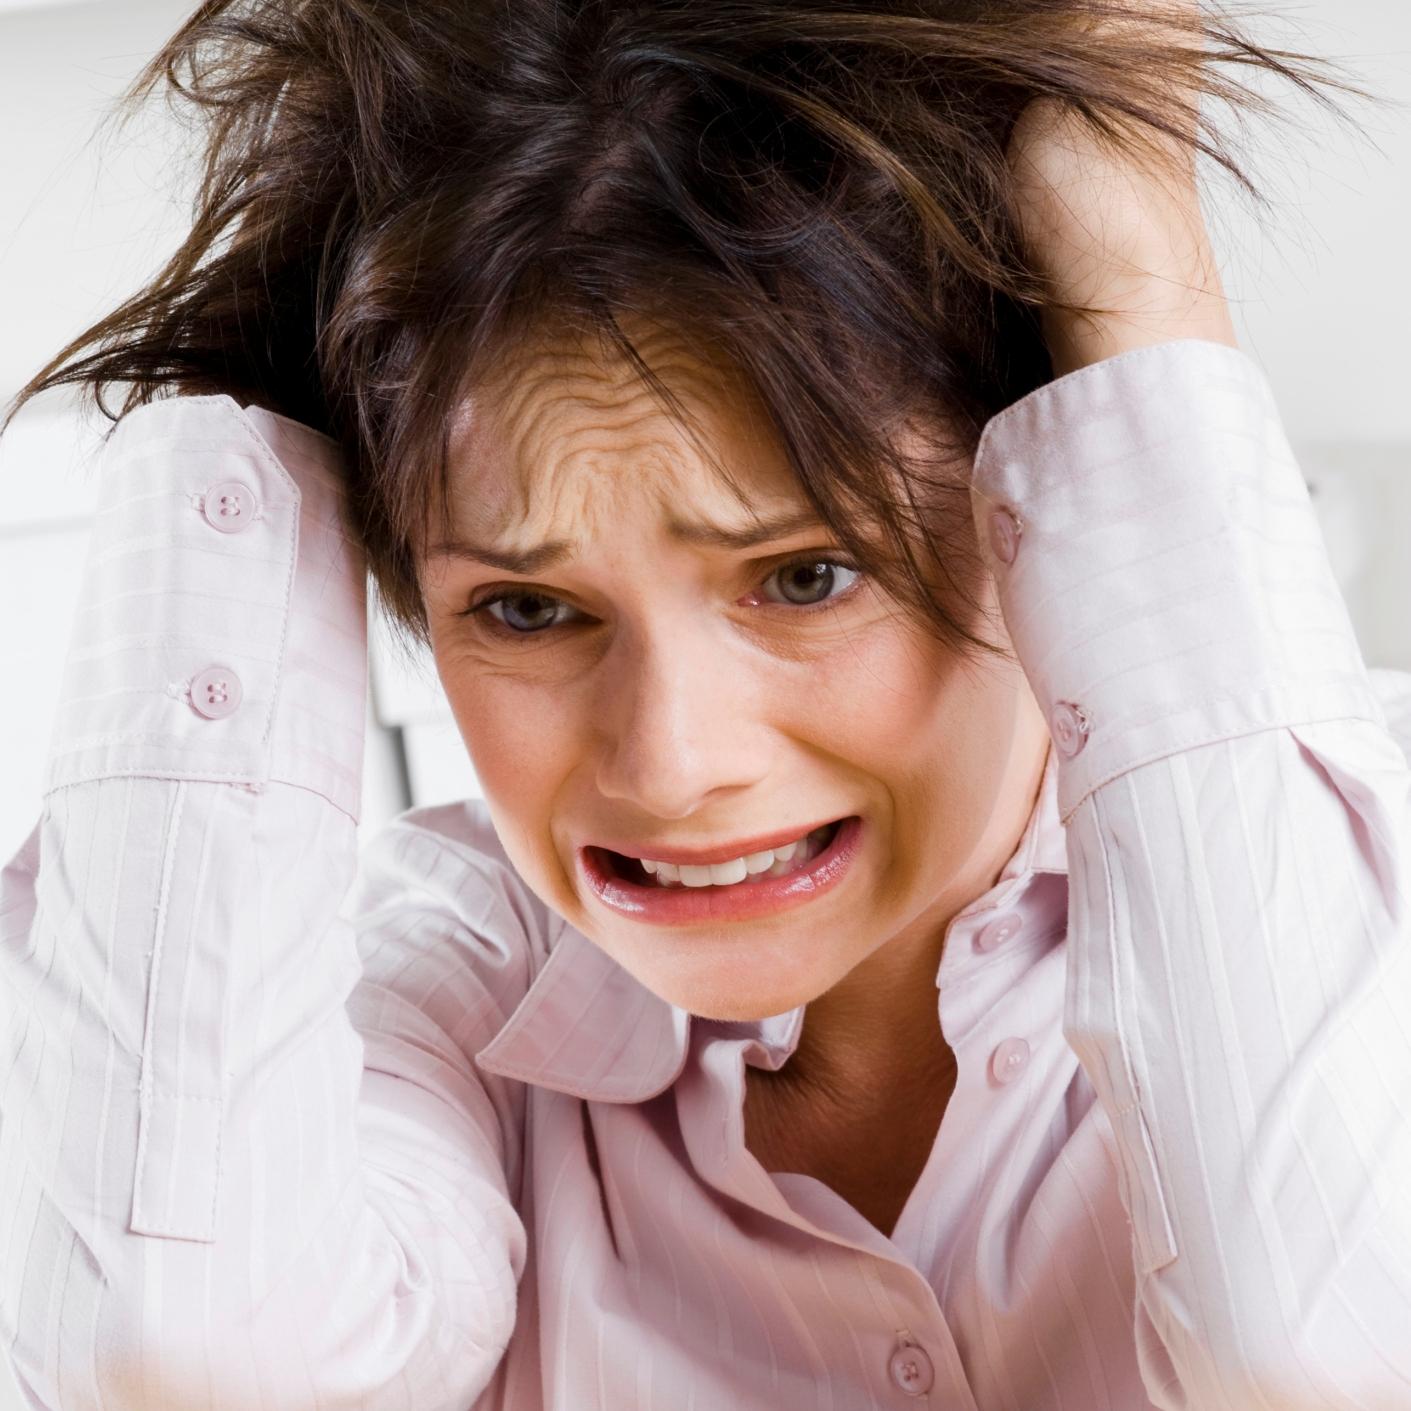 Хронический стресс: причины, симптомы и лечение хронического стресса